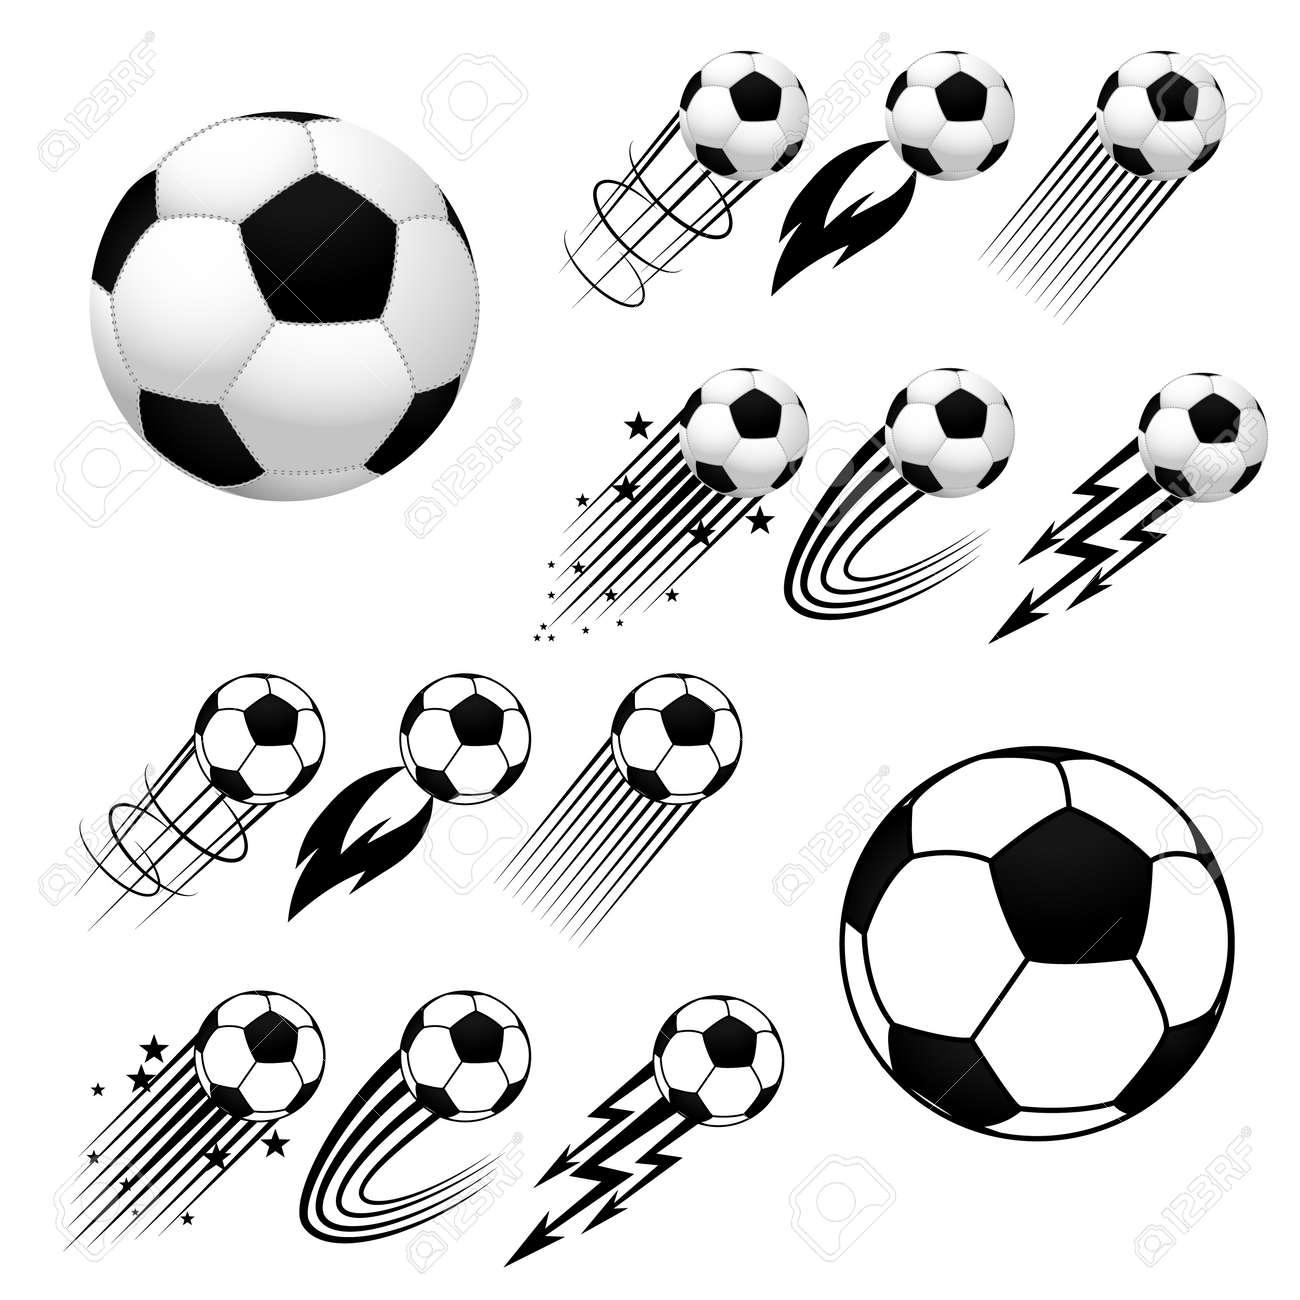 Fútbol. Fútbol. Balones De Fútbol Con Diferentes Animaciones De ...